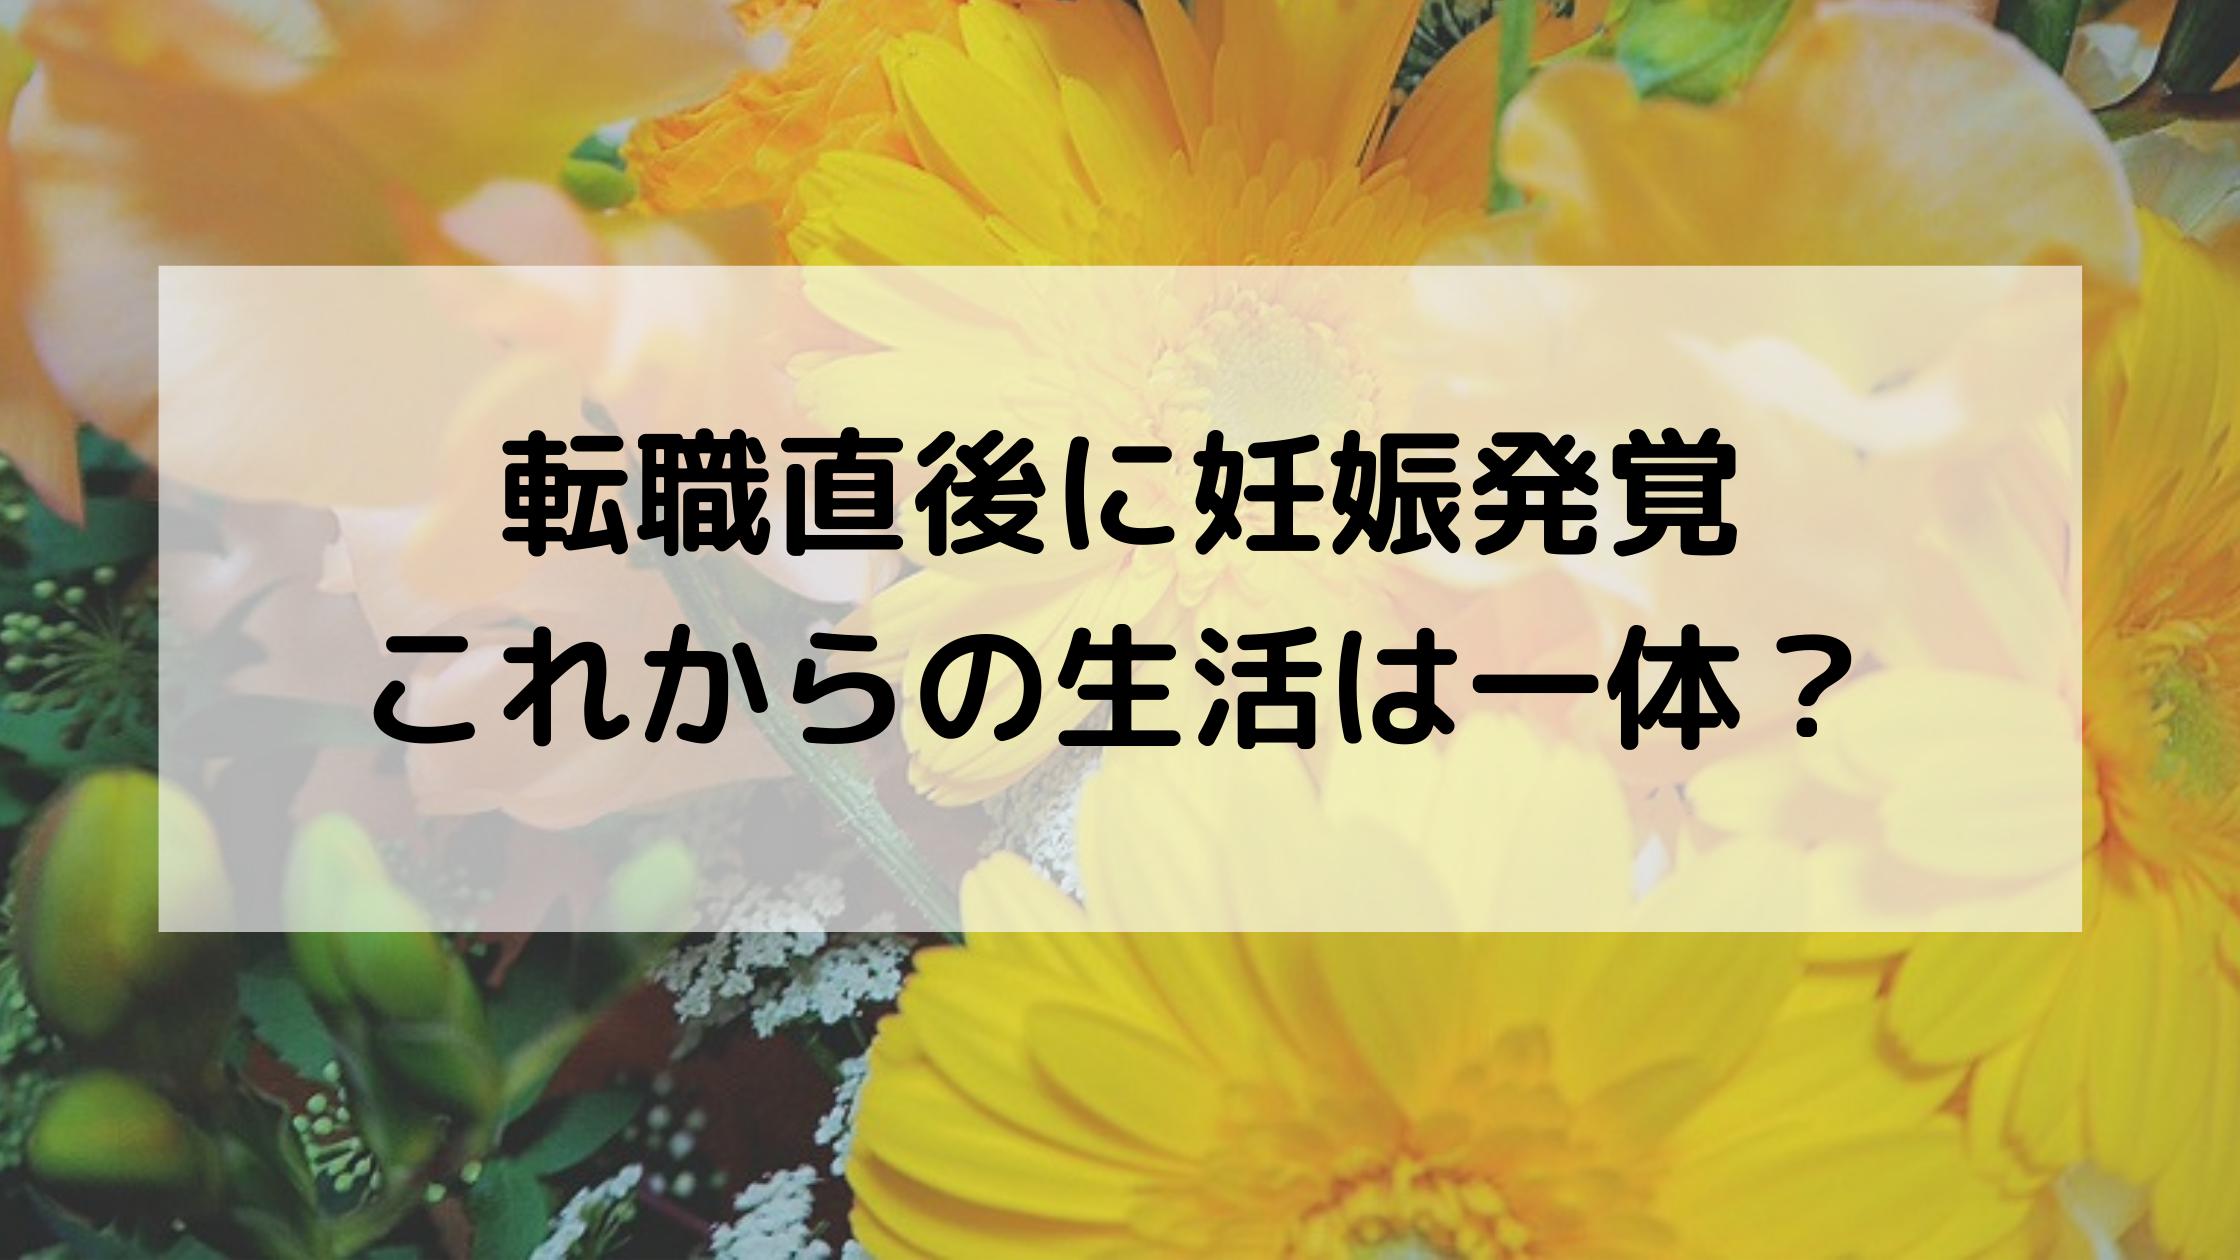 f:id:kumataro67:20210528120349p:plain